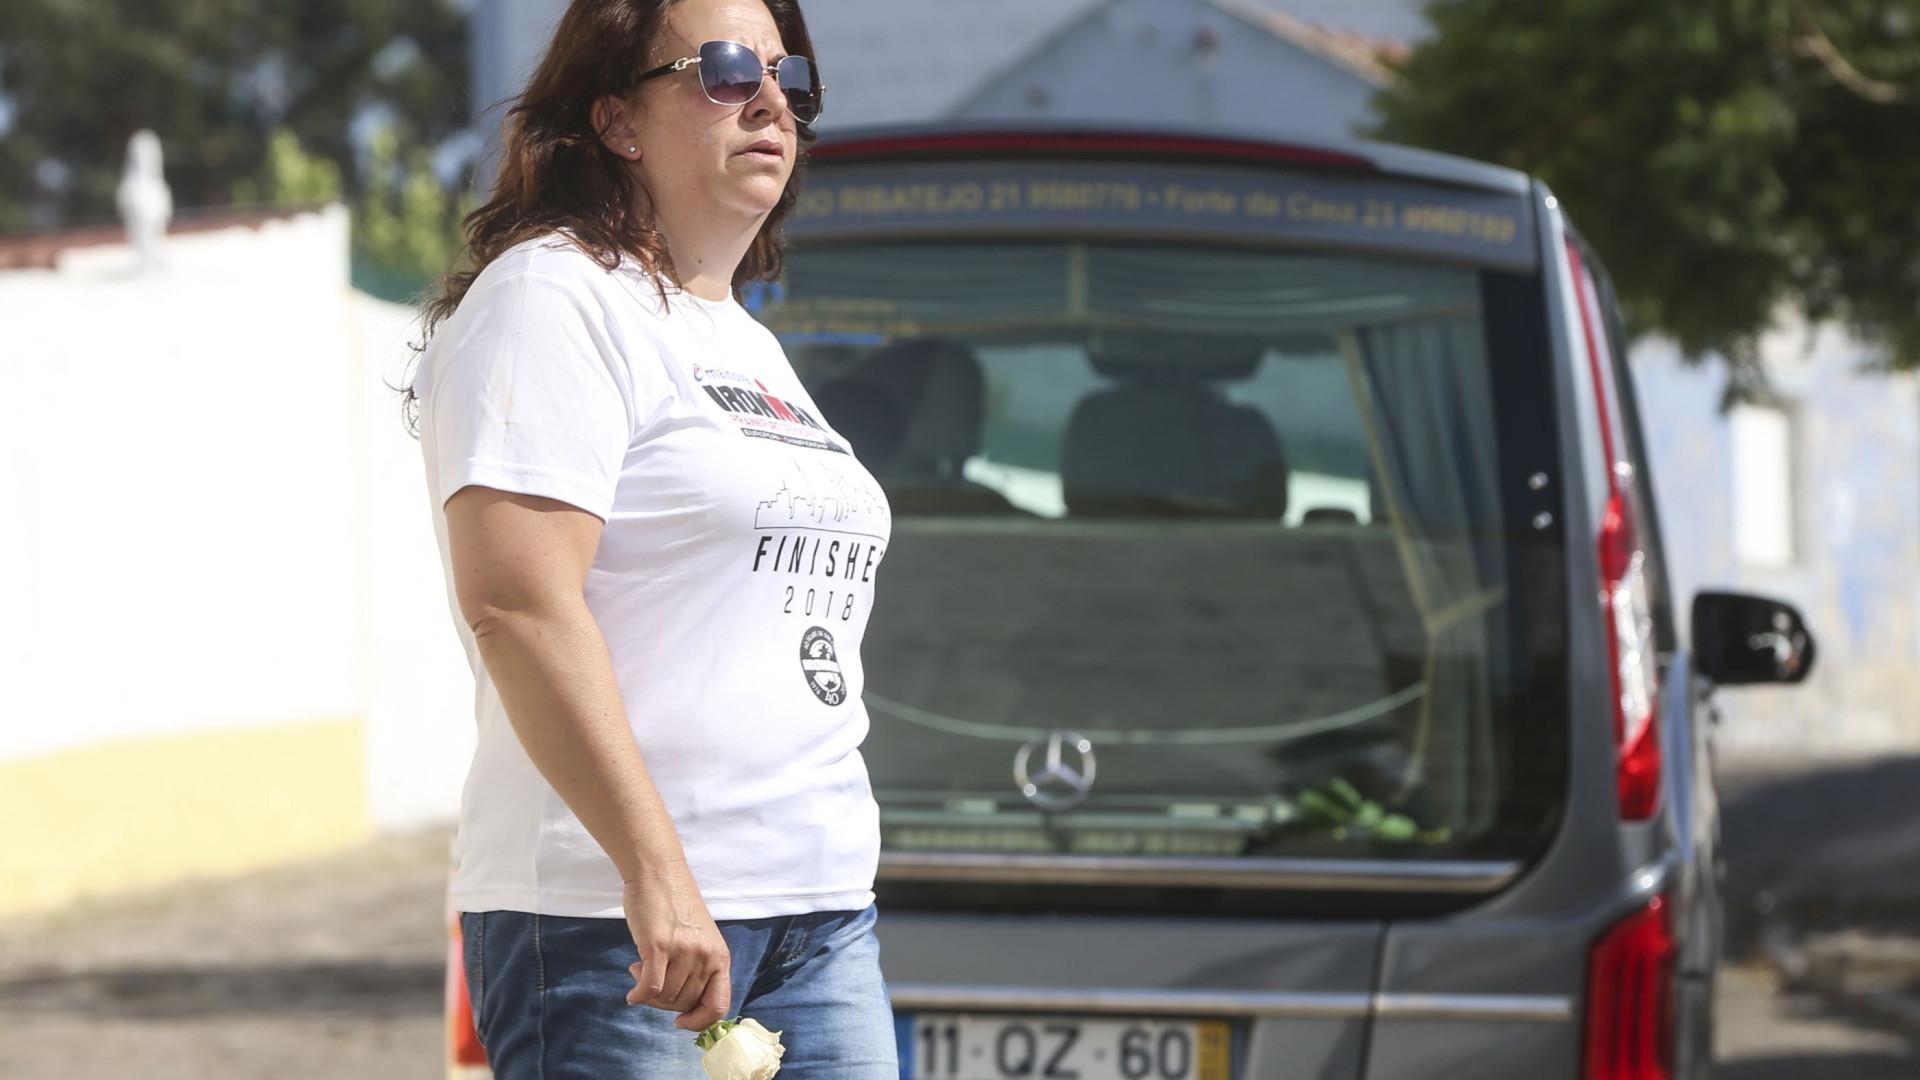 Rosa Grilo e António Joaquim acusados da morte do triatleta Luís Grilo